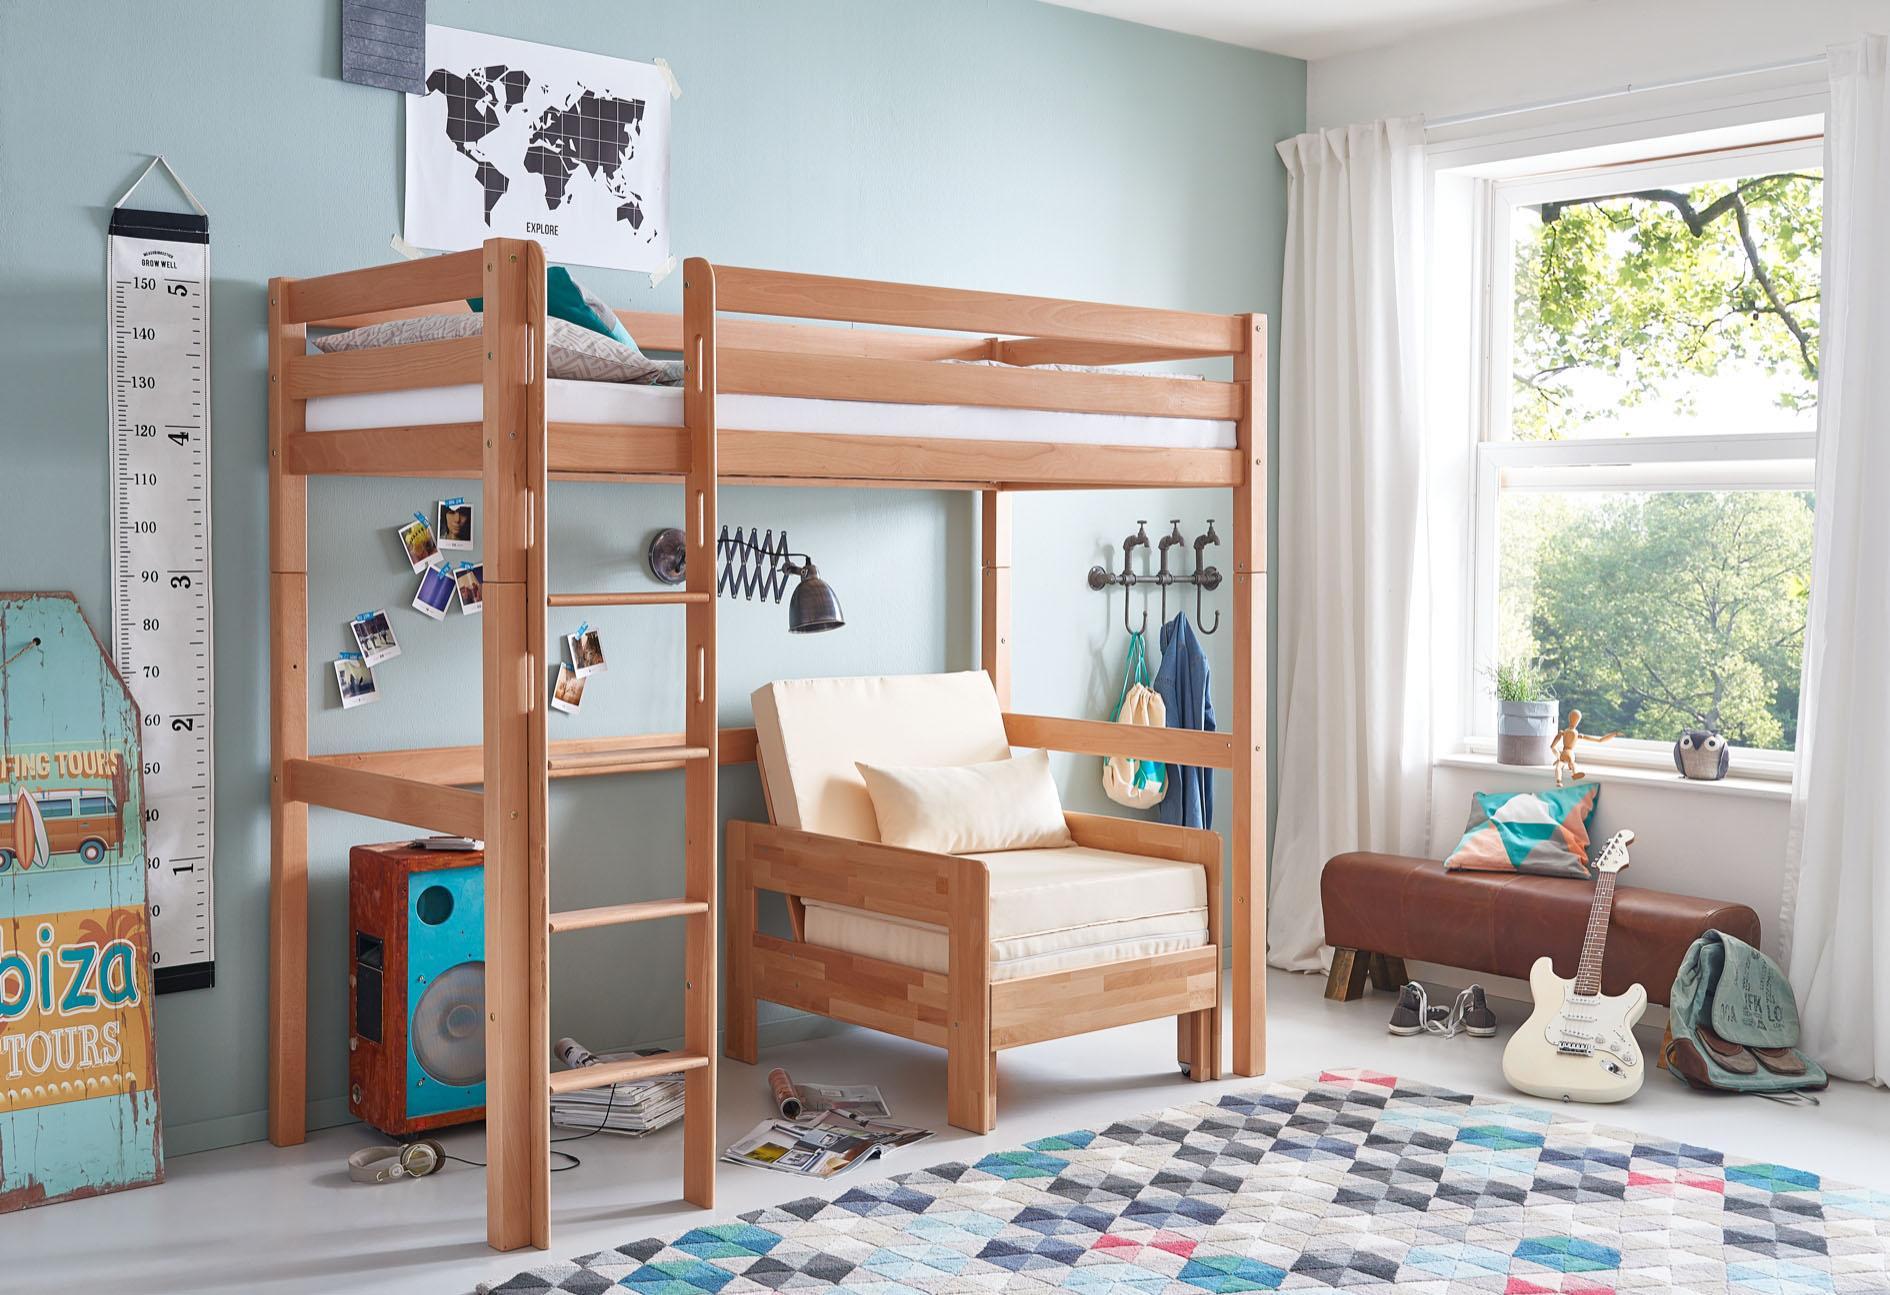 Kinderhochbett Mit Schreibtisch Kaufen 2019 Alle Top Produkte Am